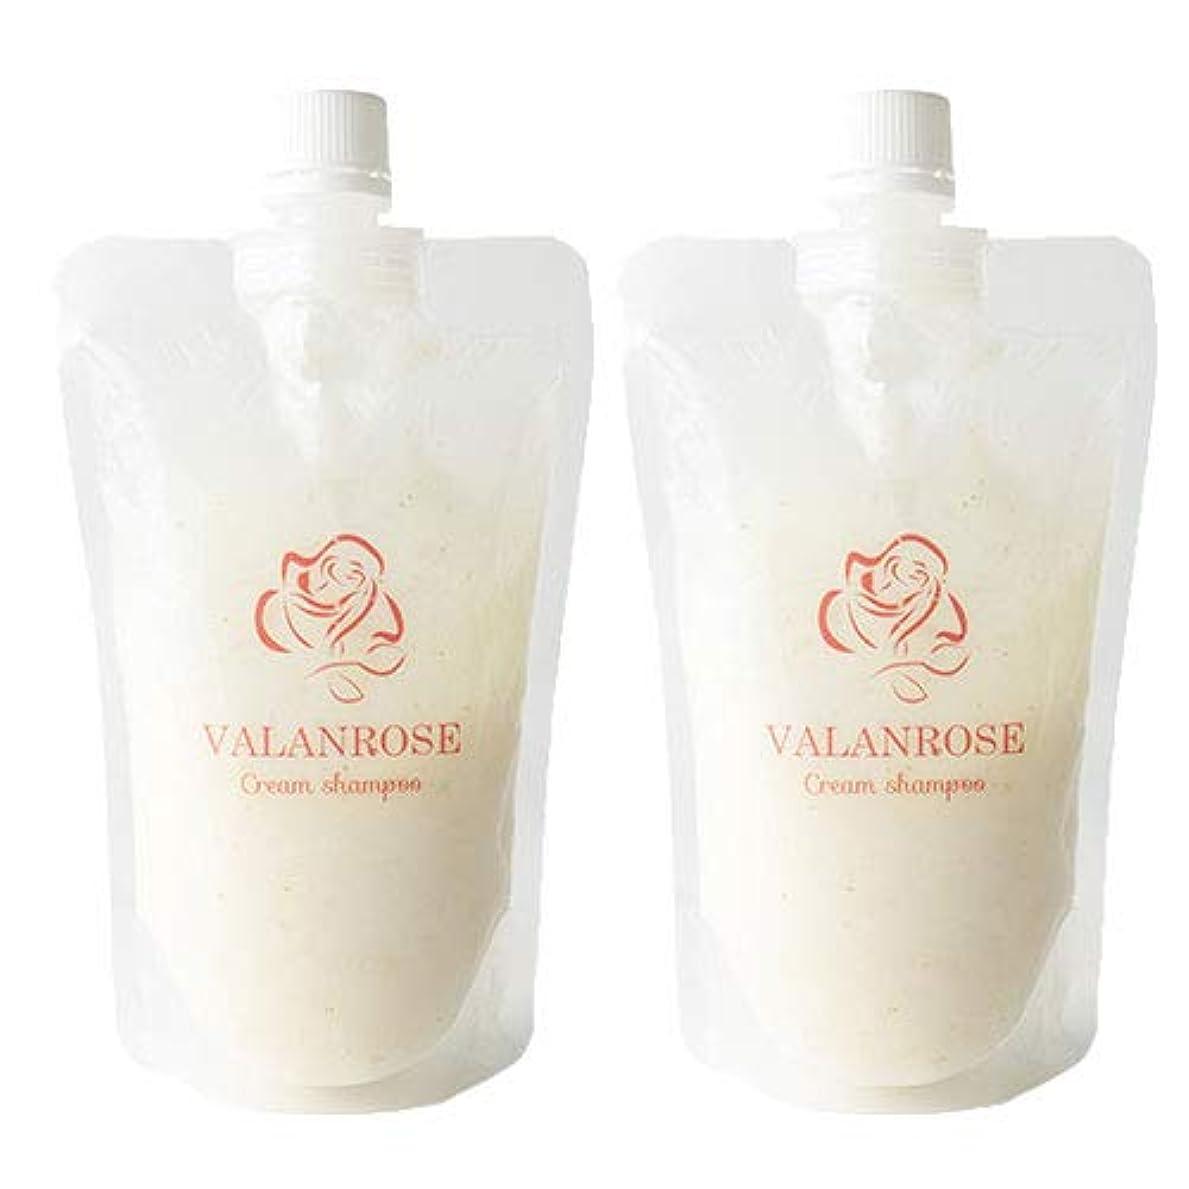 稚魚母性ベギンバランローズ クリームシャンプー2個×1セット VALANROSE Cream shampoo/シャンプー クリームシャンプー 髪 ヘアケア